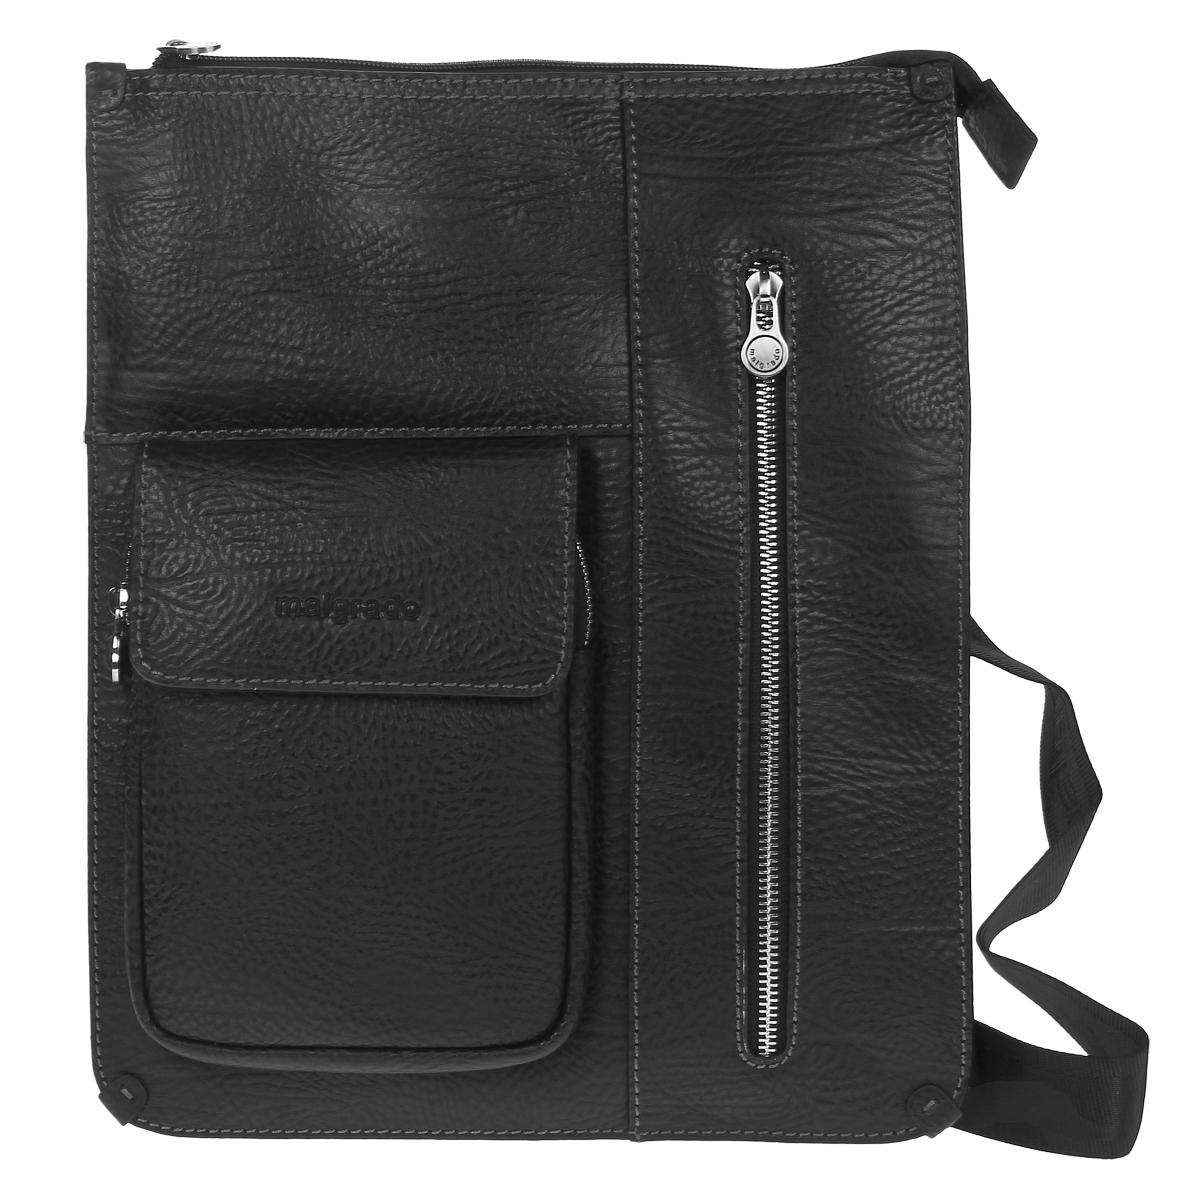 Сумка мужская Malgrado, цвет: черный. BR12-557A2506BR12-557A2506 blackМужская сумка Malgrado, выполнена из натуральной кожи коричневого цвета. Основное отделение закрывается железной молнией, в основном отделе вшитый кармашек на молнии. Спереди удобный вертикальный кармашек, закрывающийся на молнию и нашивной кармашек, который закрывается на молнию и дополнительно клапаном на магнитную кнопку. Внутри расположено два кармашка для визиток и кредитных карт, кармашек для телефона и два фиксатора для пишущих принадлежностей. Модель снабжена плечевым ремнем.